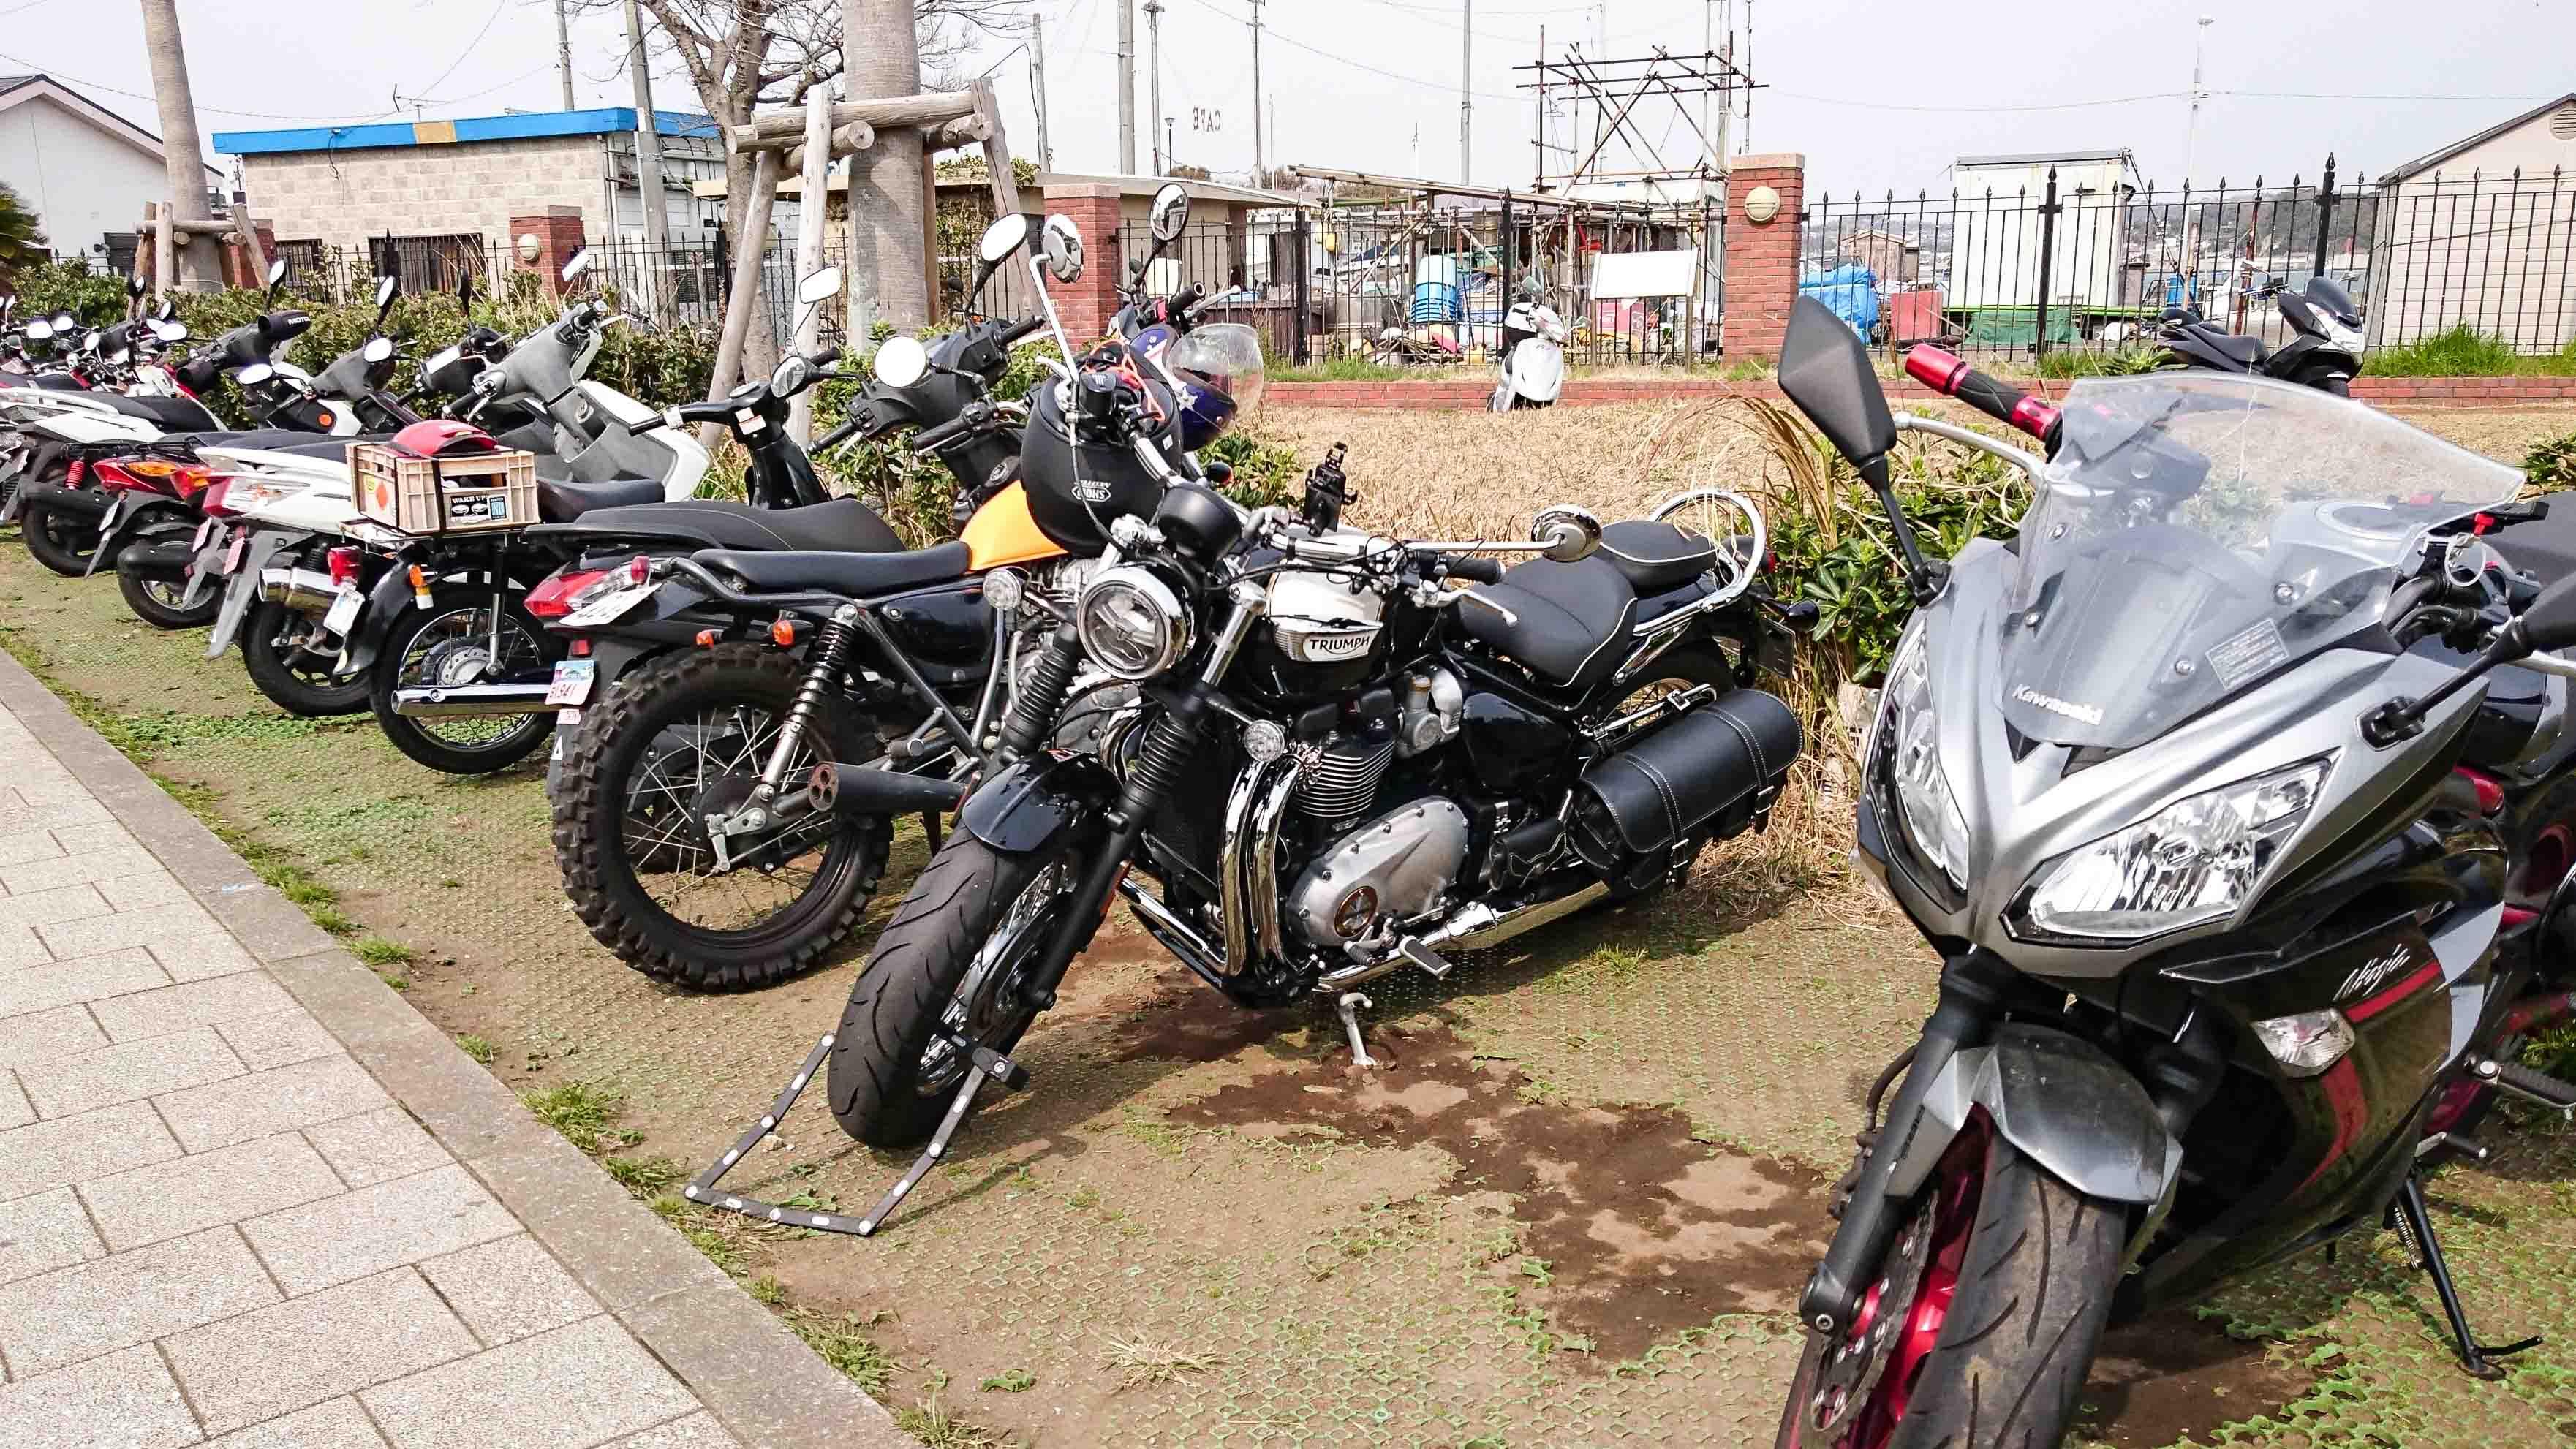 【無料だけど・・・】江ノ島の無料バイク駐輪場に行ってみた!【江の島 西緑地駐輪スペース】